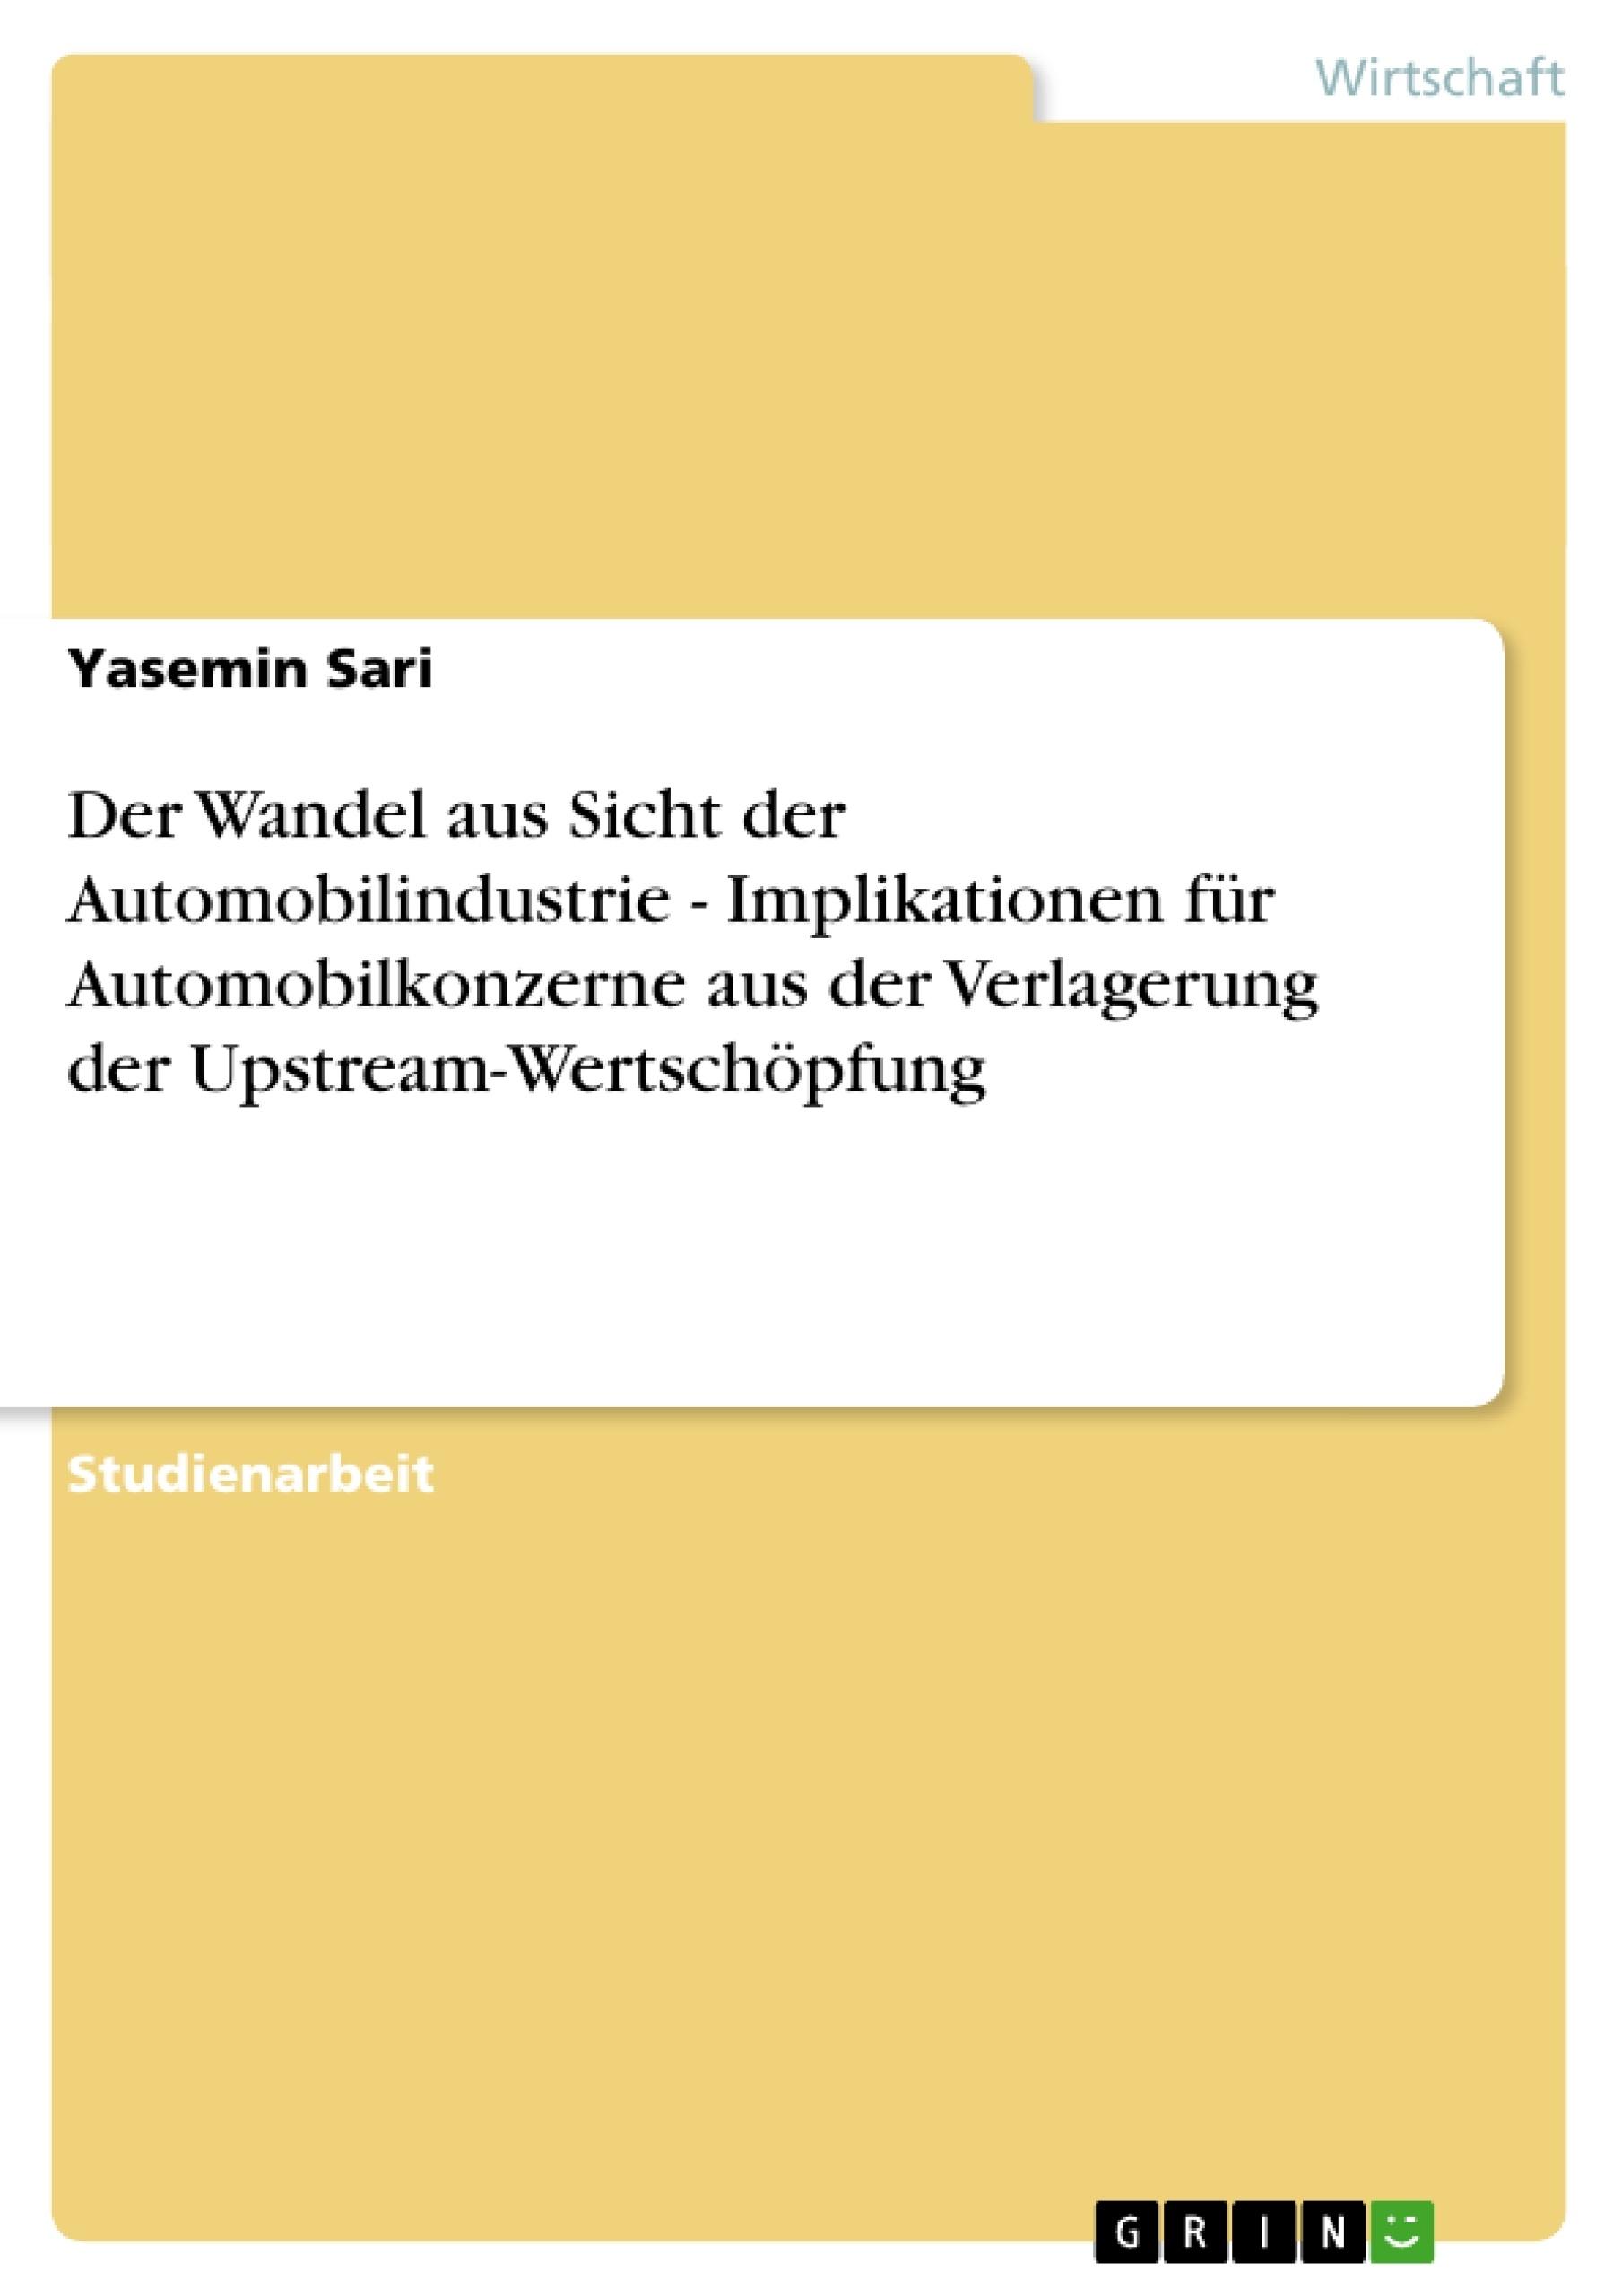 Titel: Der Wandel aus Sicht der Automobilindustrie - Implikationen für Automobilkonzerne aus der Verlagerung der Upstream-Wertschöpfung